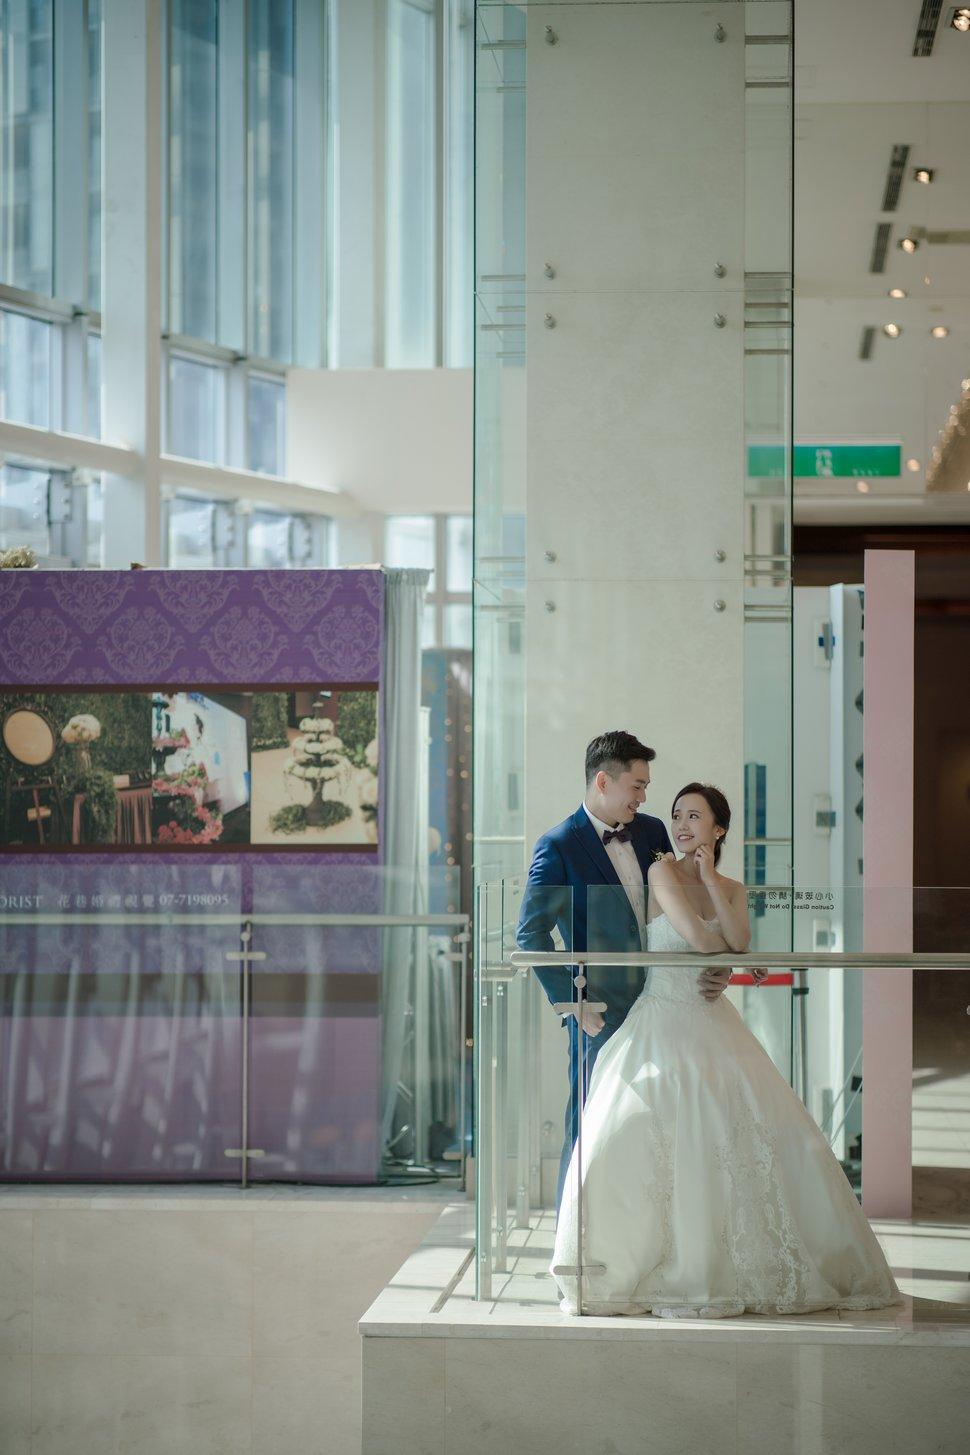 0112-712 - 幸福水魚影像工作室《結婚吧》